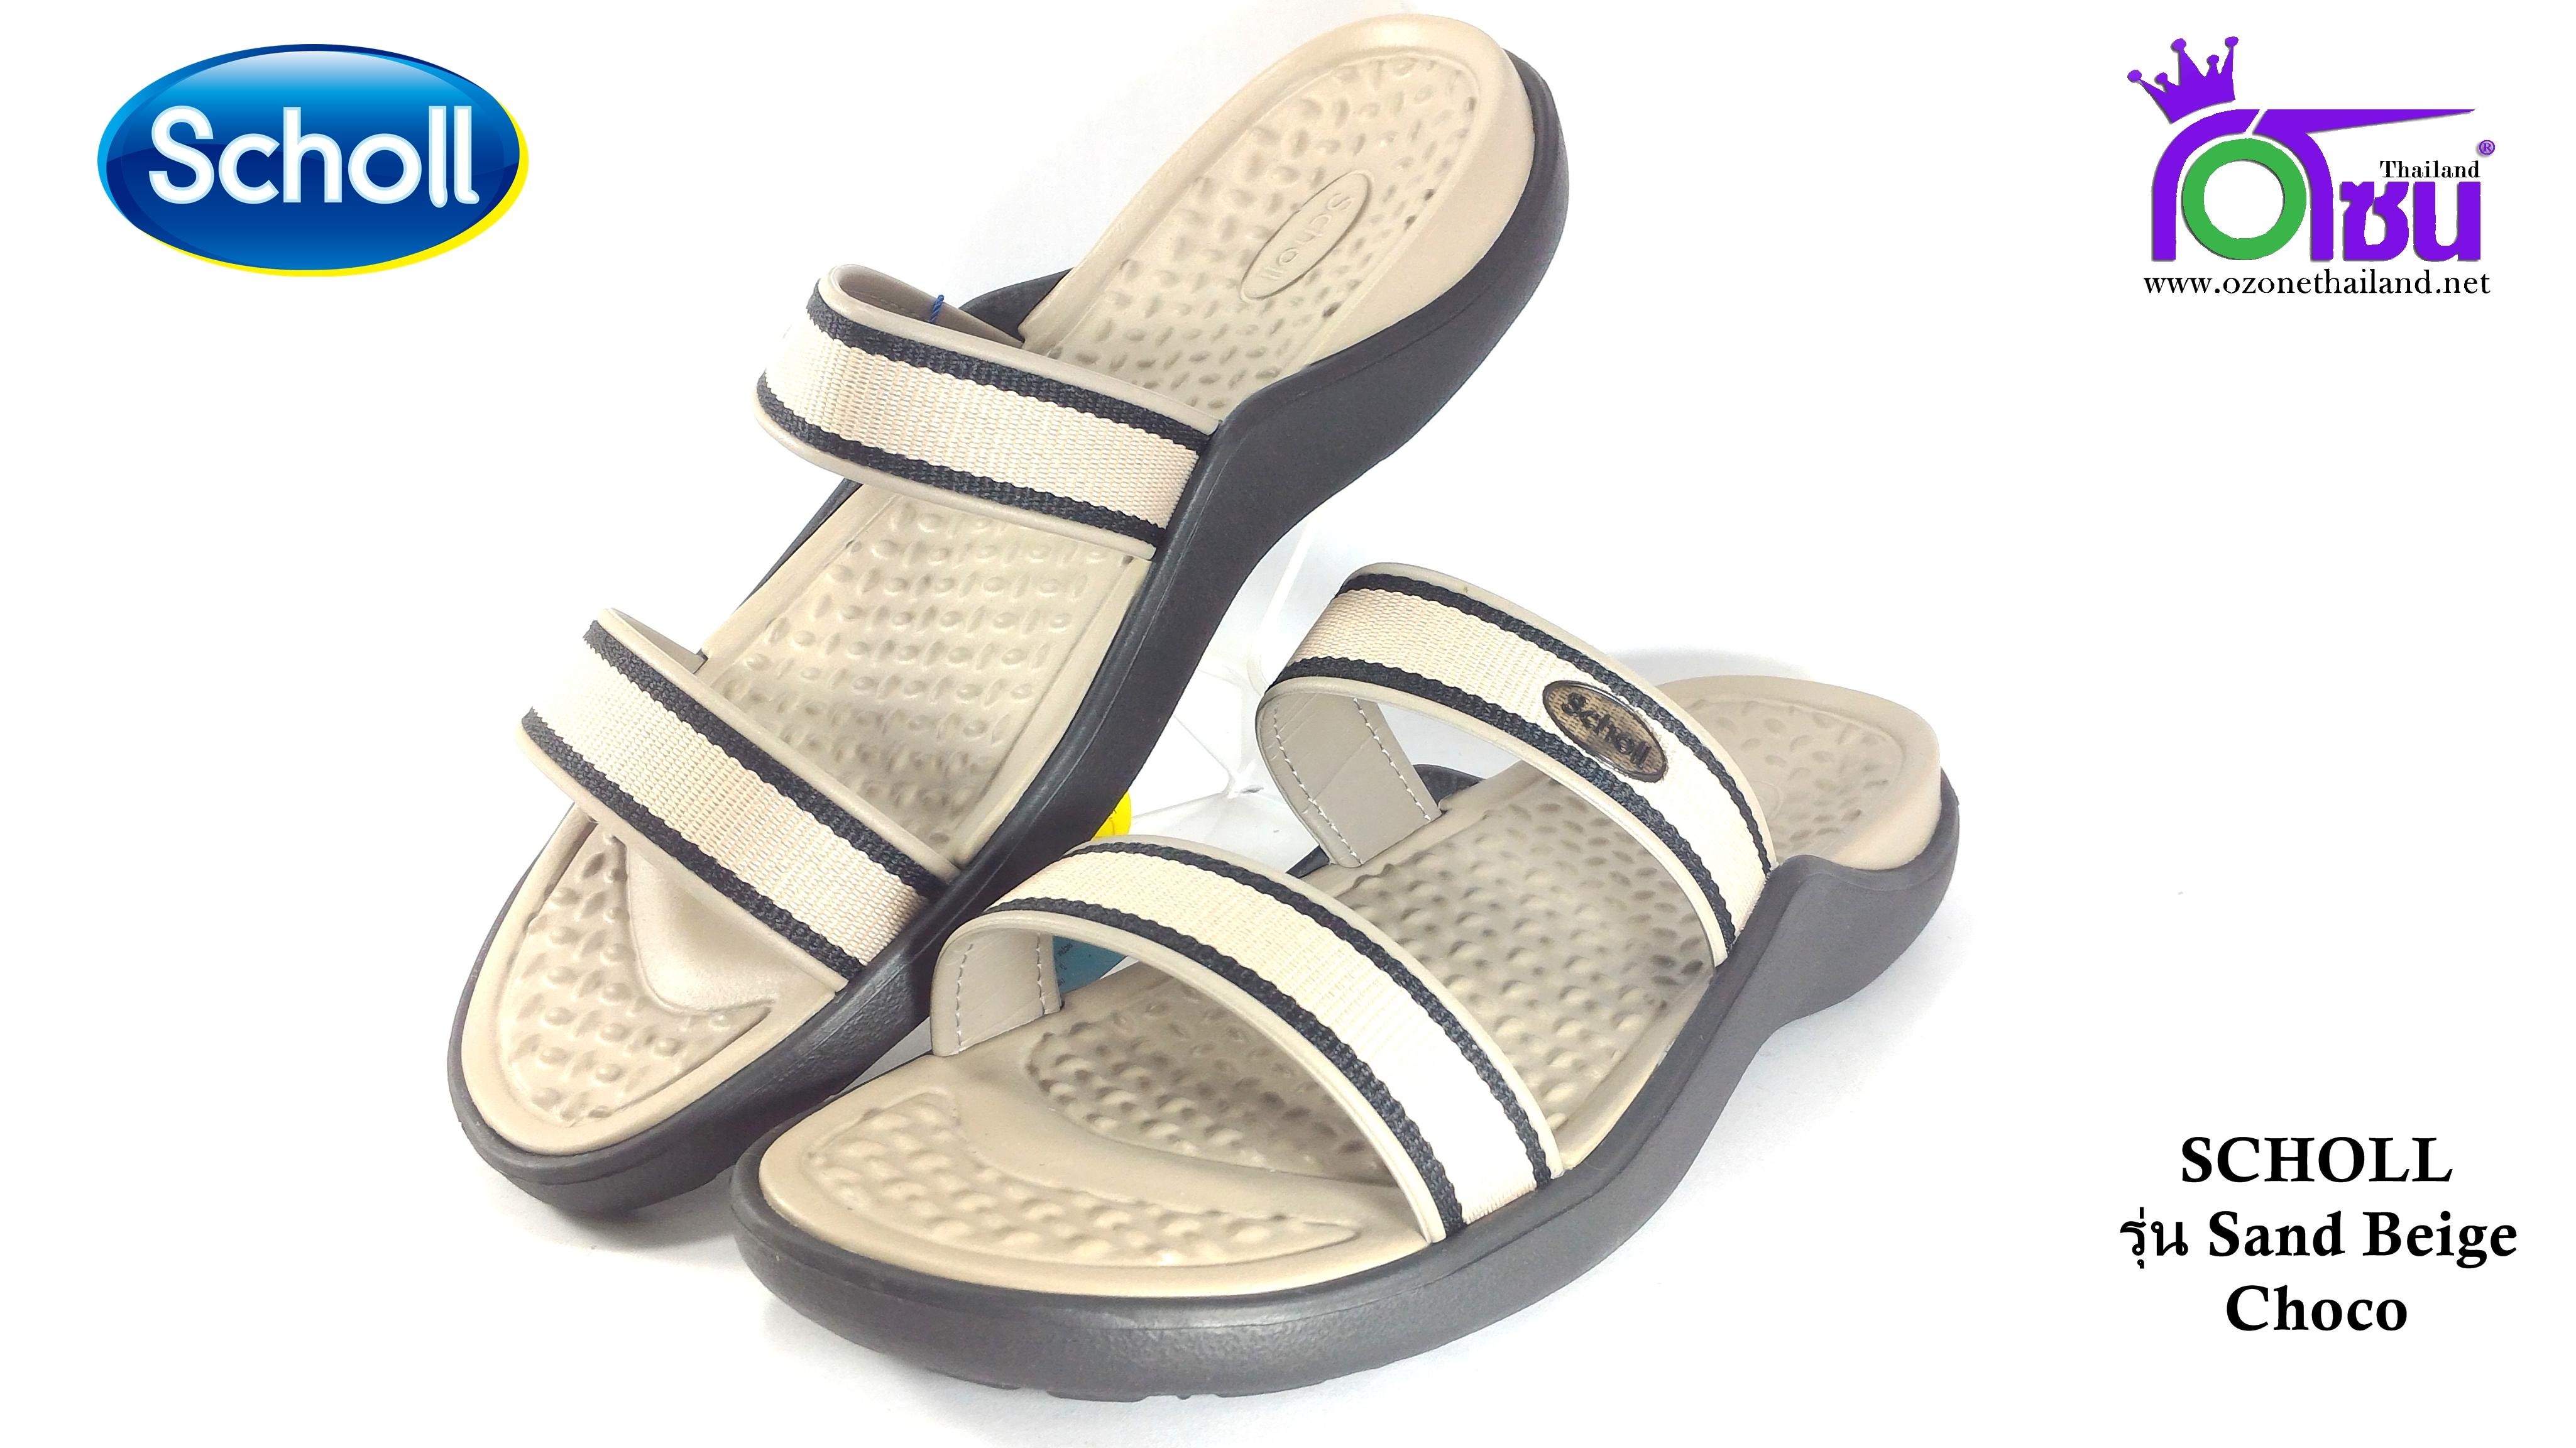 รองเท้า scholl sand สกอล์แชนด์ สีช็อกโกแล็ตเบส เบอร์2-6